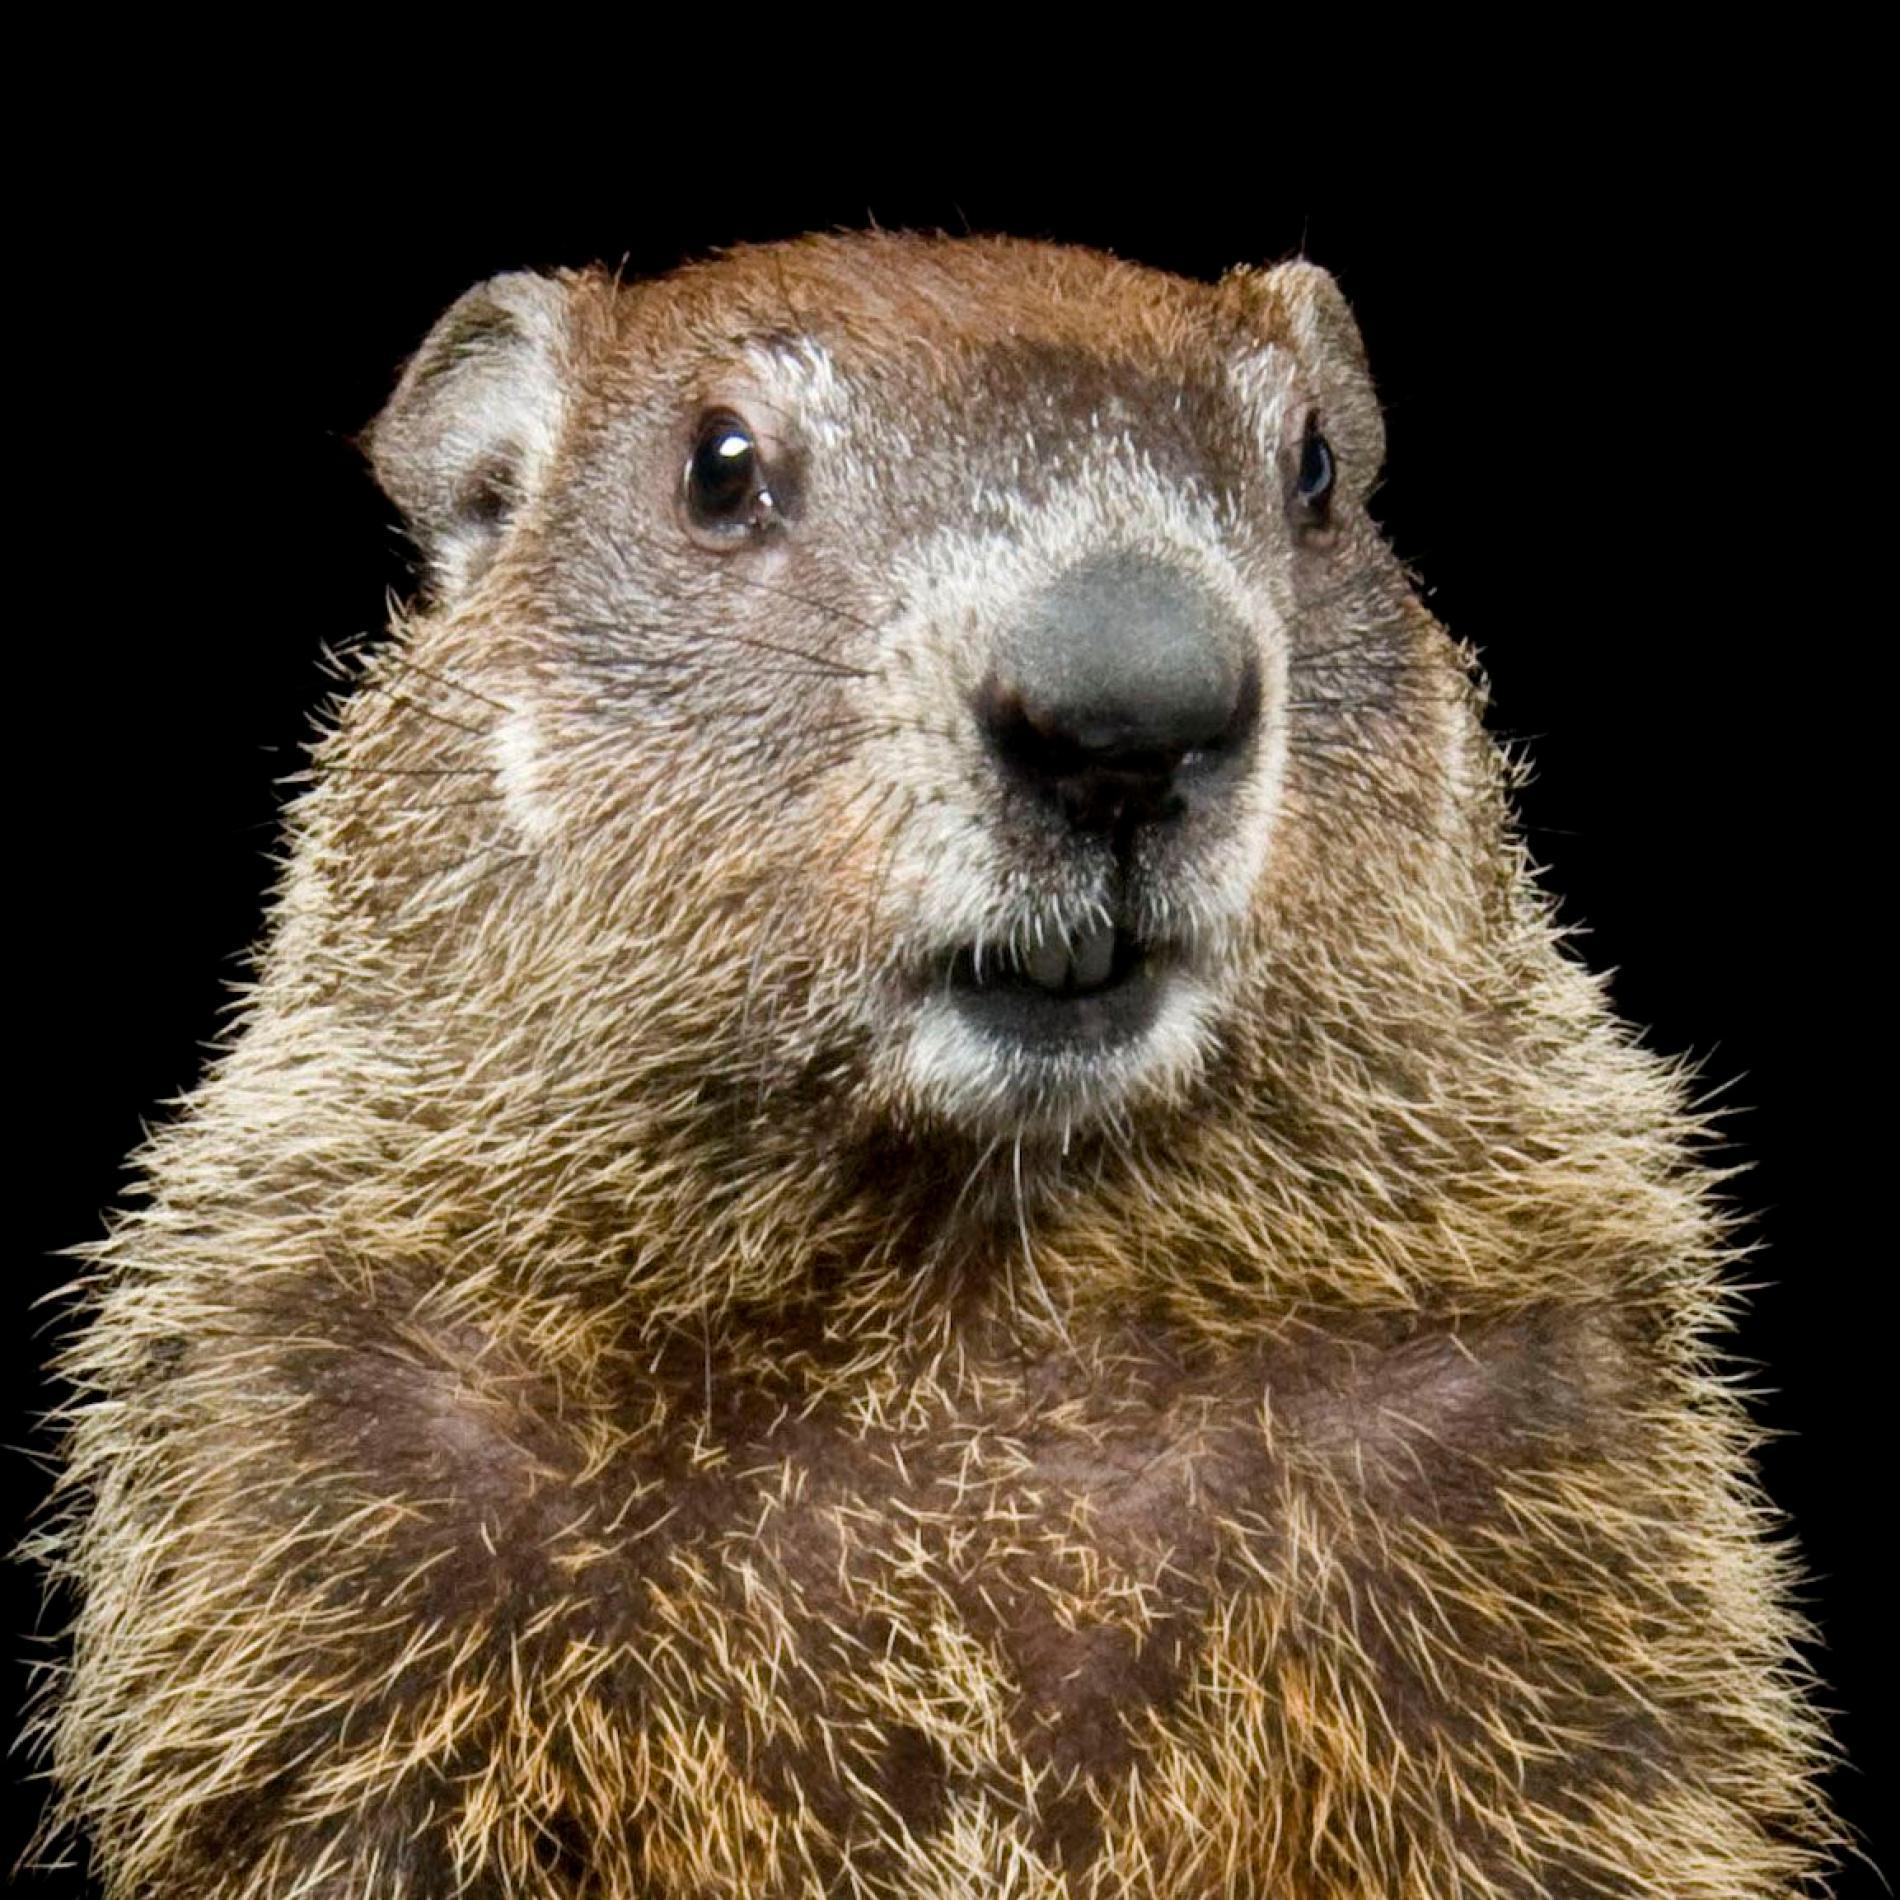 groundhog_thumb.ngsversion.1484690405320.adapt.1900.1.JPG